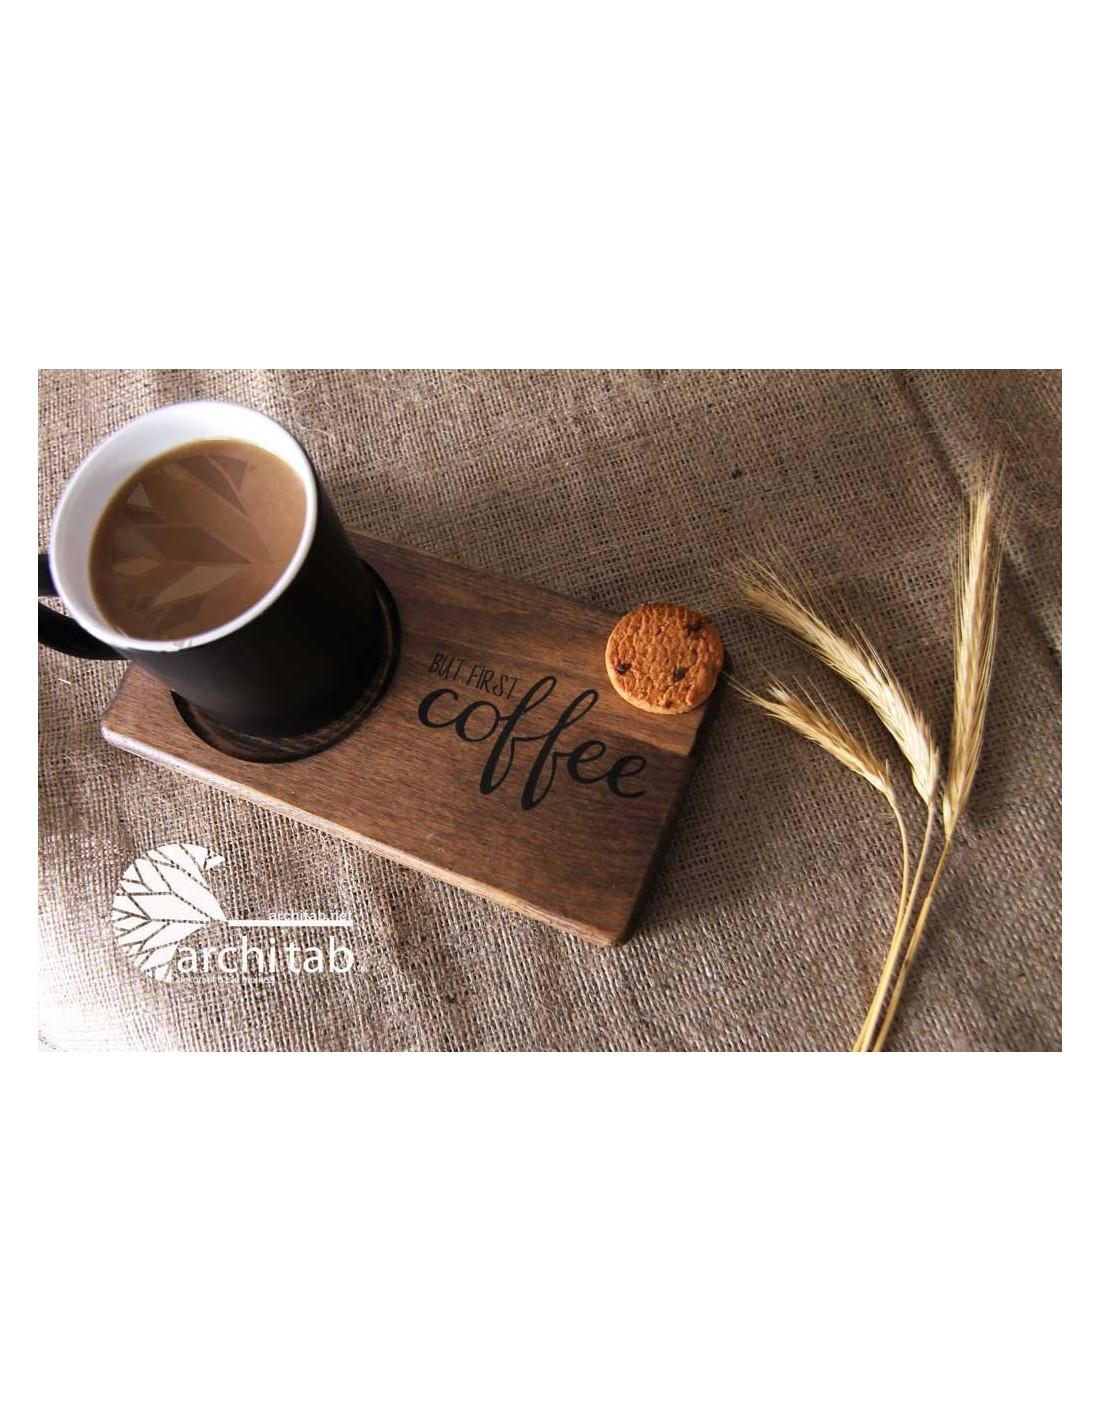 Güne kahveyle başlayanlardan mısınız? But First Coffee ...Bardak Altligi